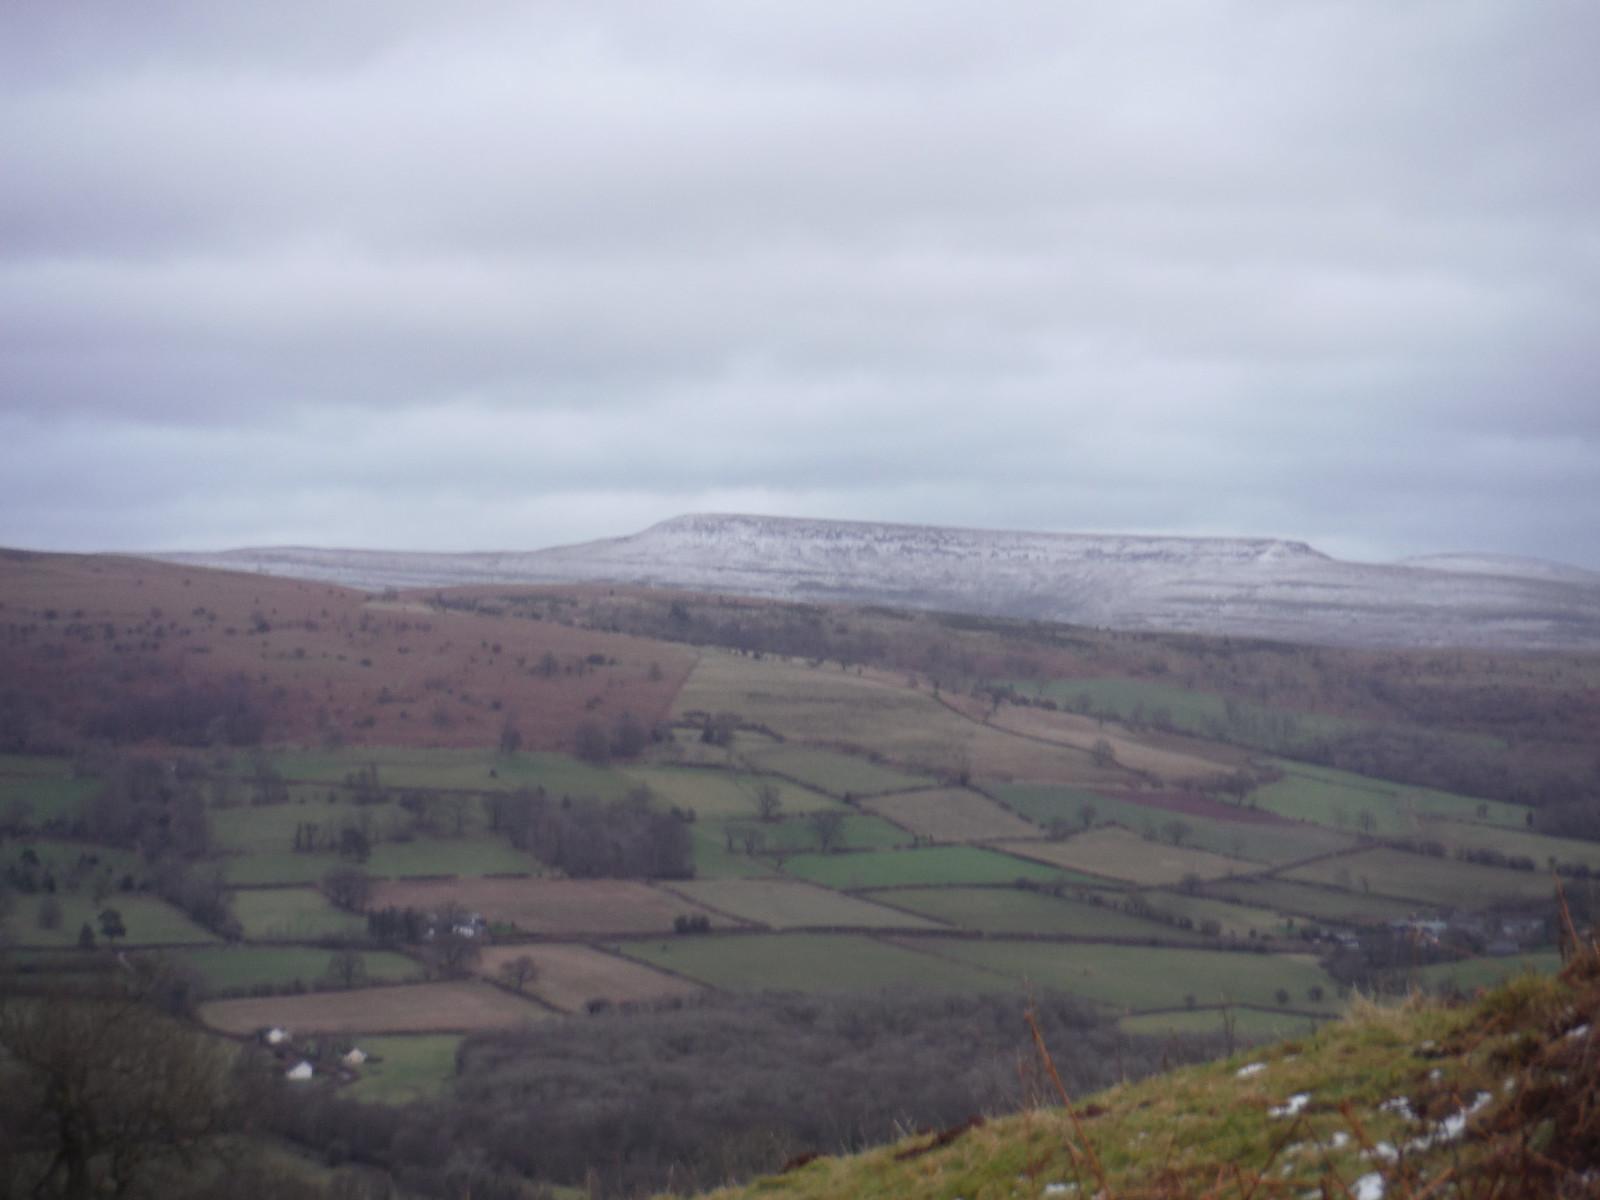 The Black Mountains from Allt yr Esgair: Pen Cerrig-calch to Pen Allt-mawr SWC Walk 308 - Bwlch Circular (via Mynydd Troed and Llangorse Lake)